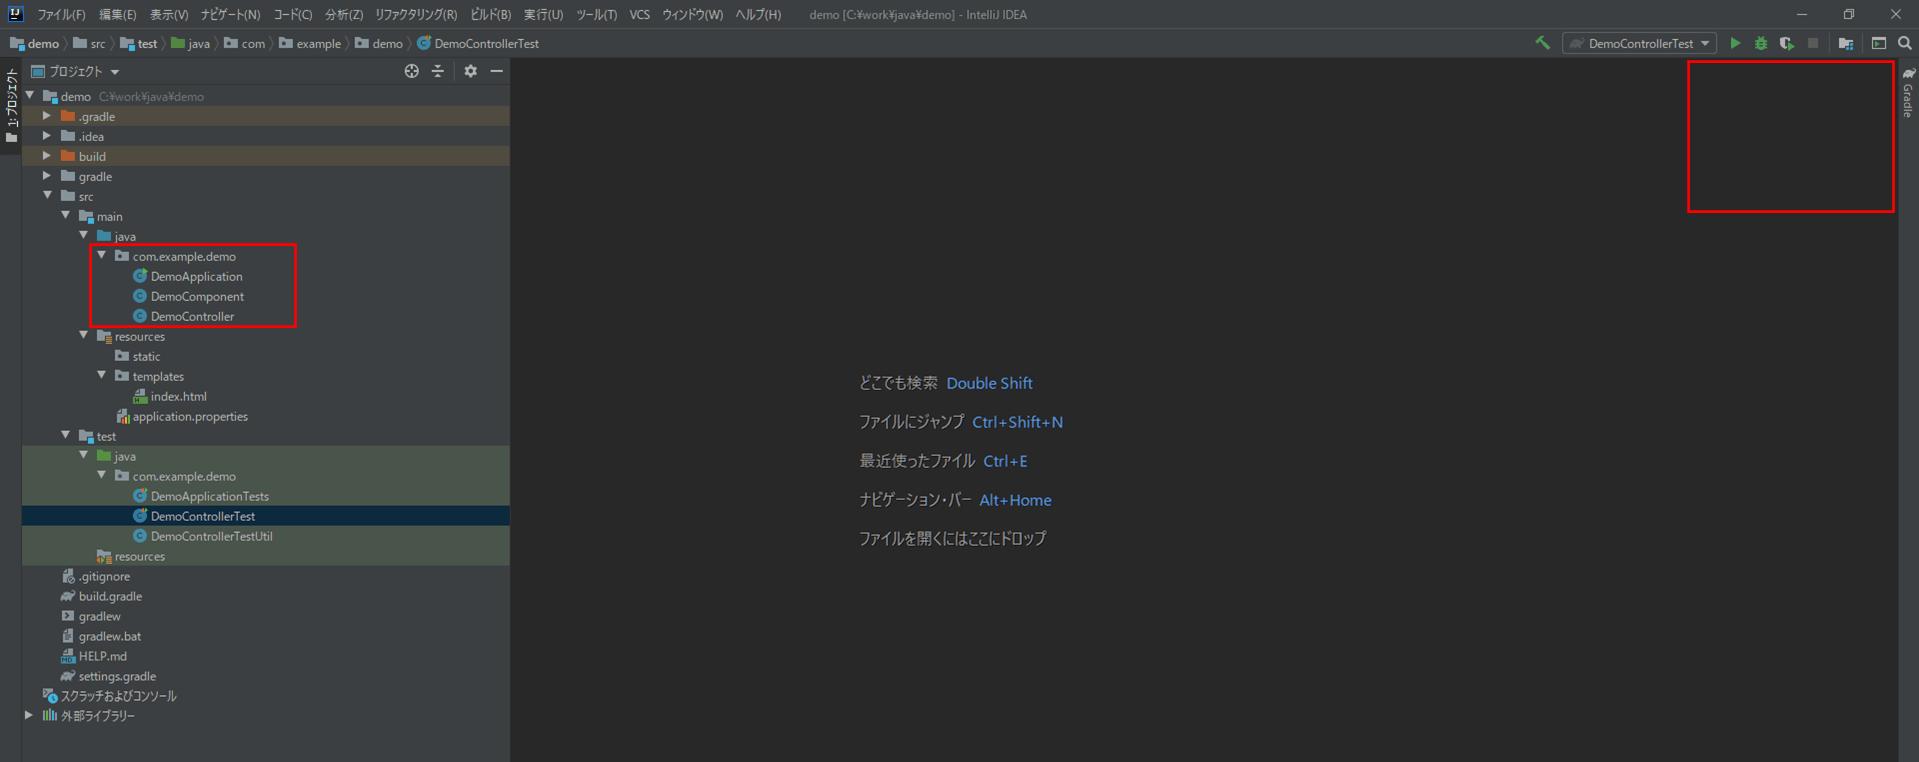 テストカバレッジ結果の削除_2